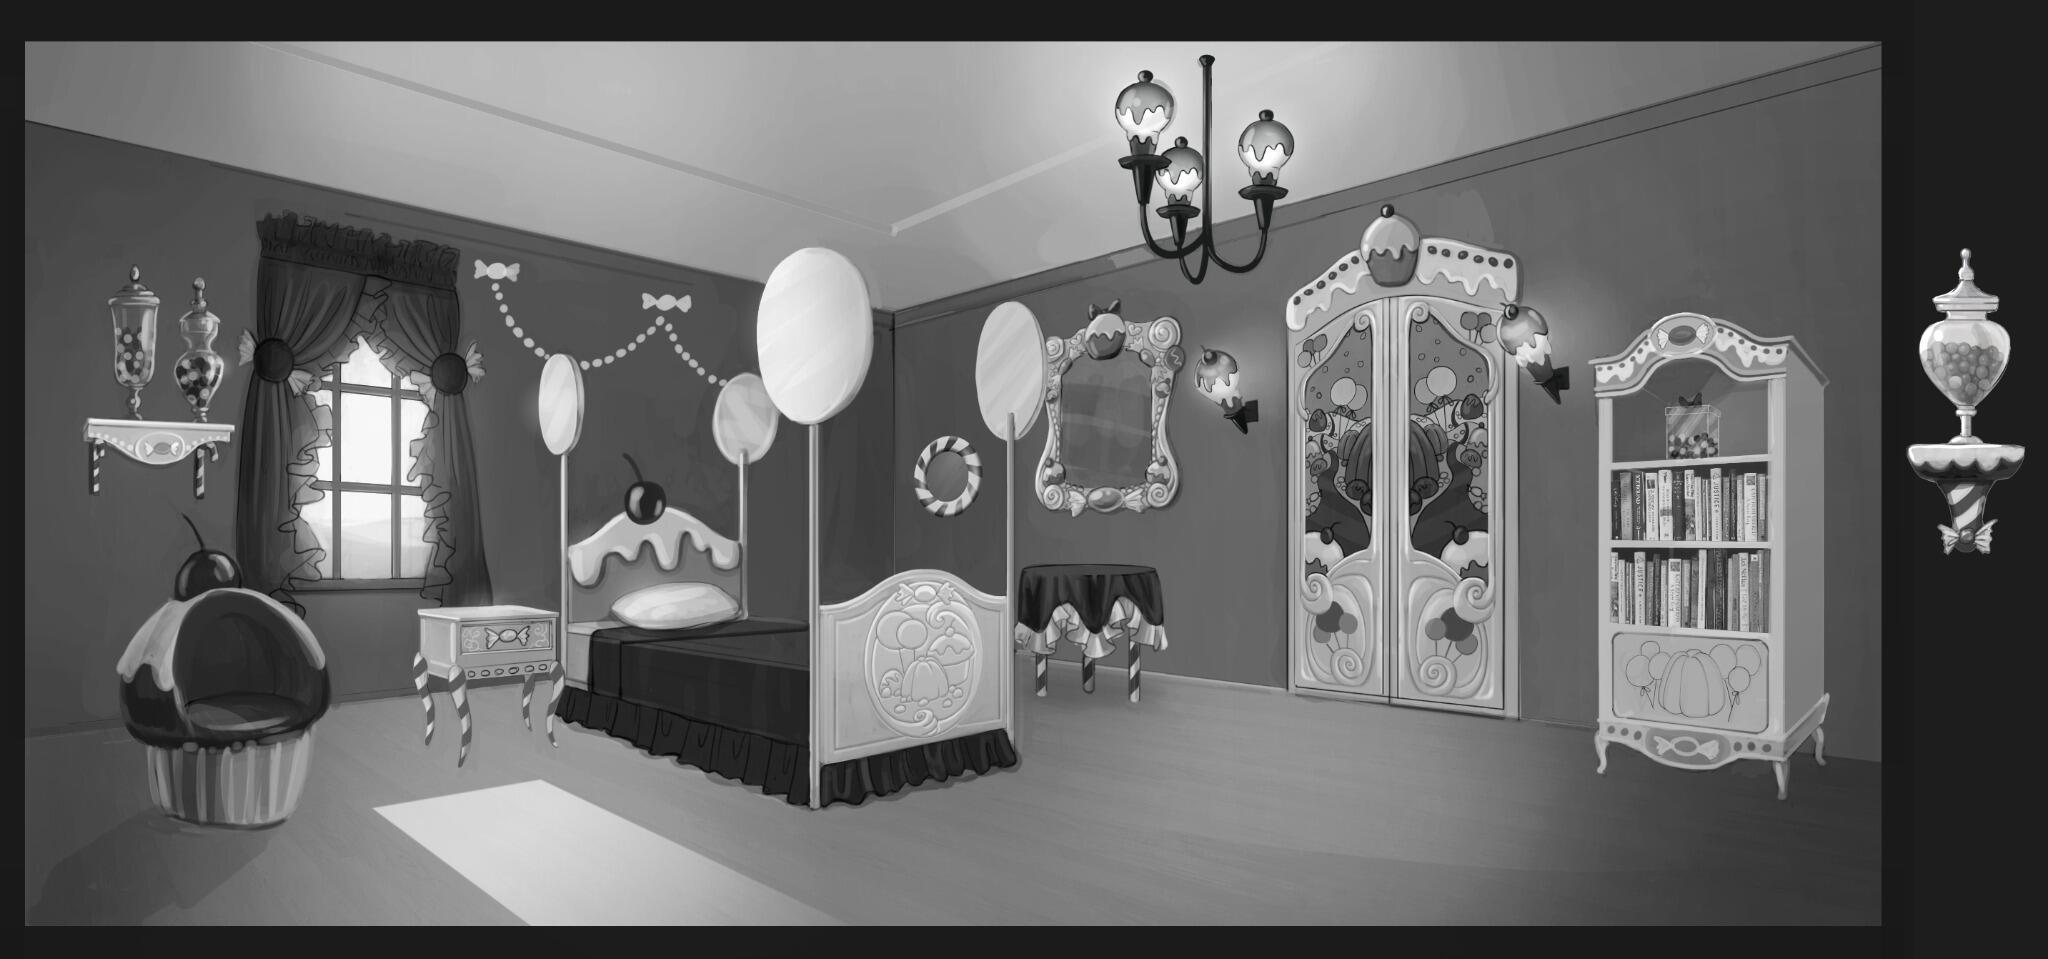 [Imagen]Arte conceptual Katy Perry Dulce Tentacion BZYBPciCAAATBFB